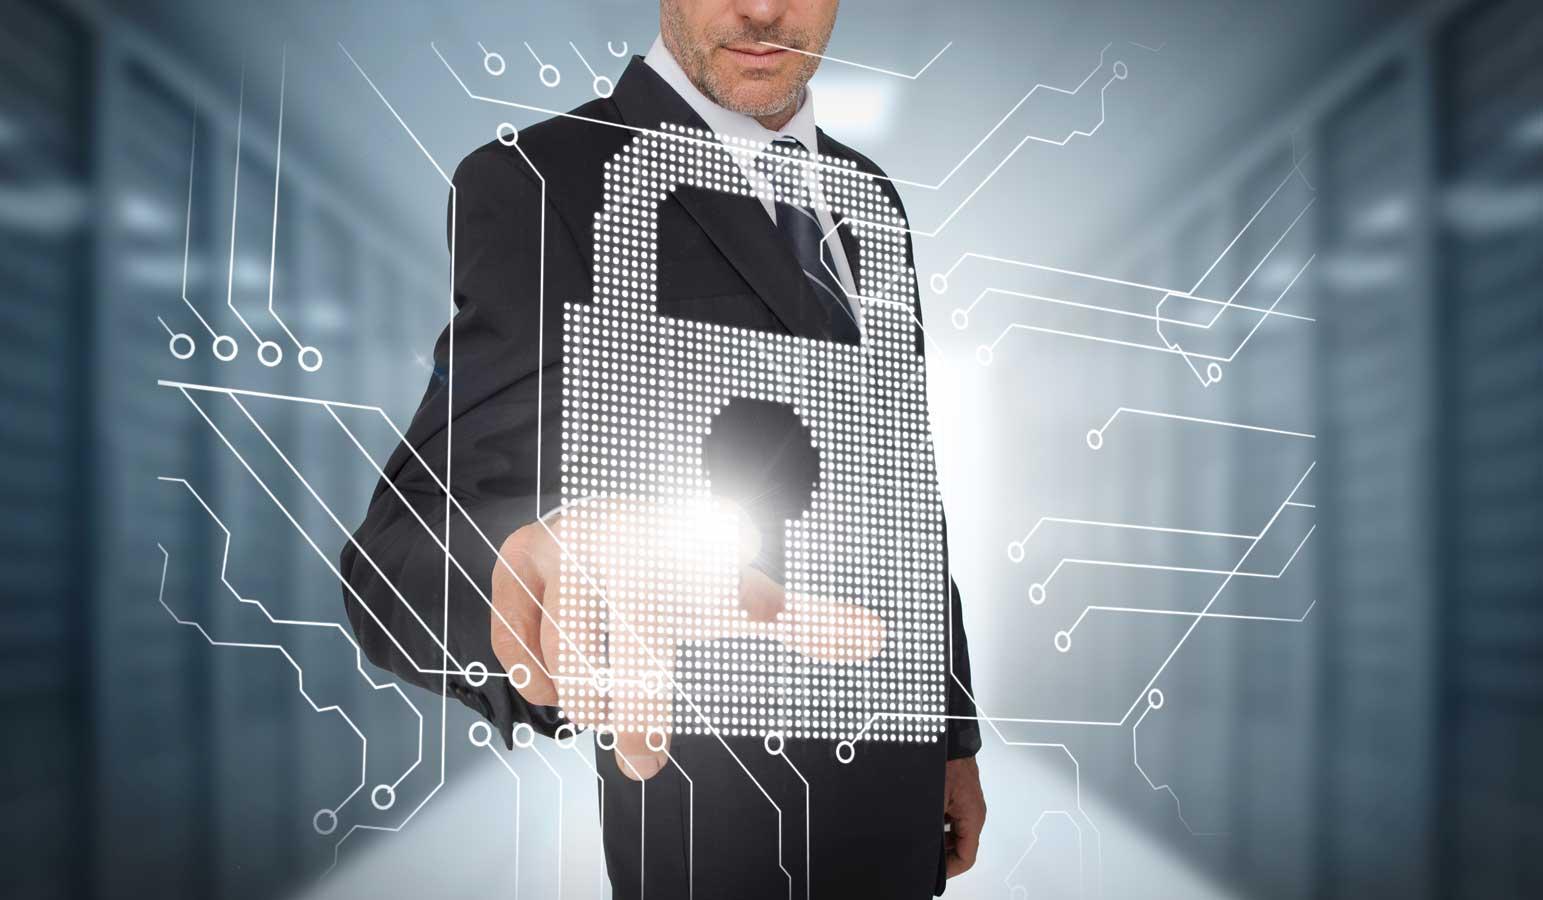 Controle de acesso: uma importante chave de segurança